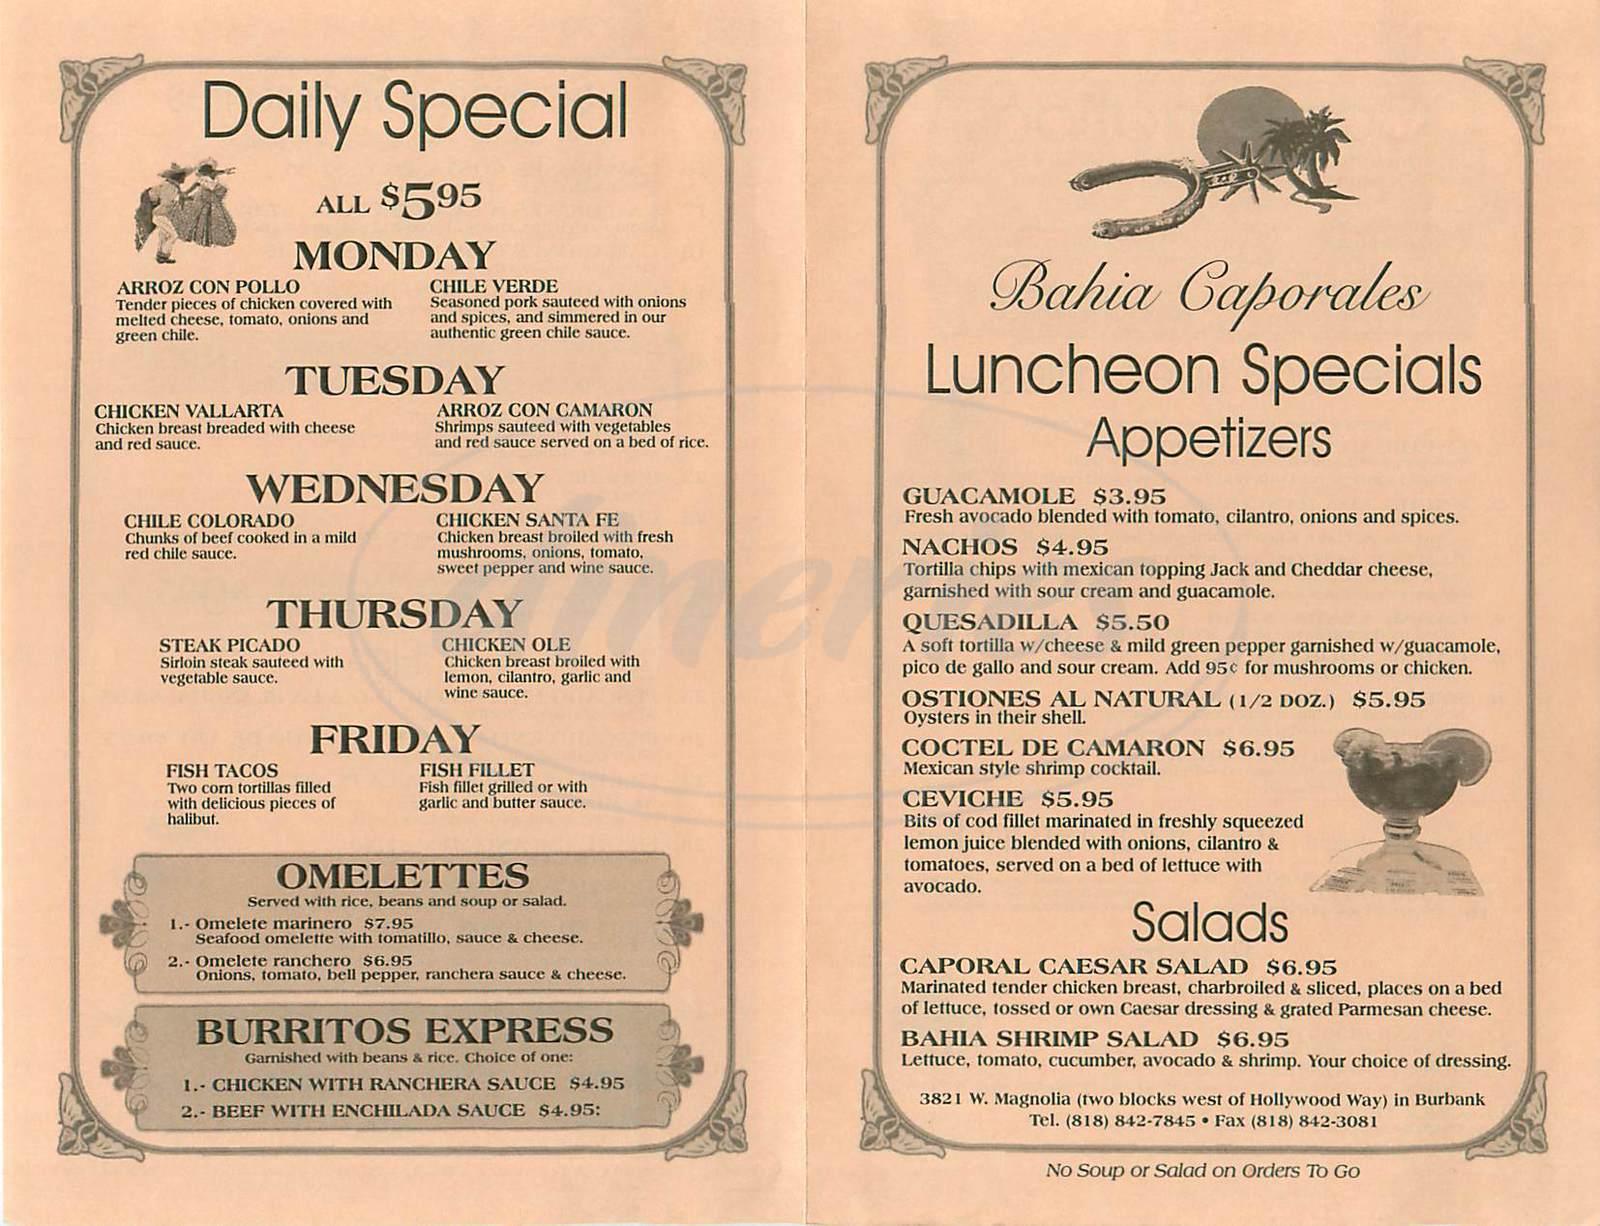 menu for Bahia Caporales